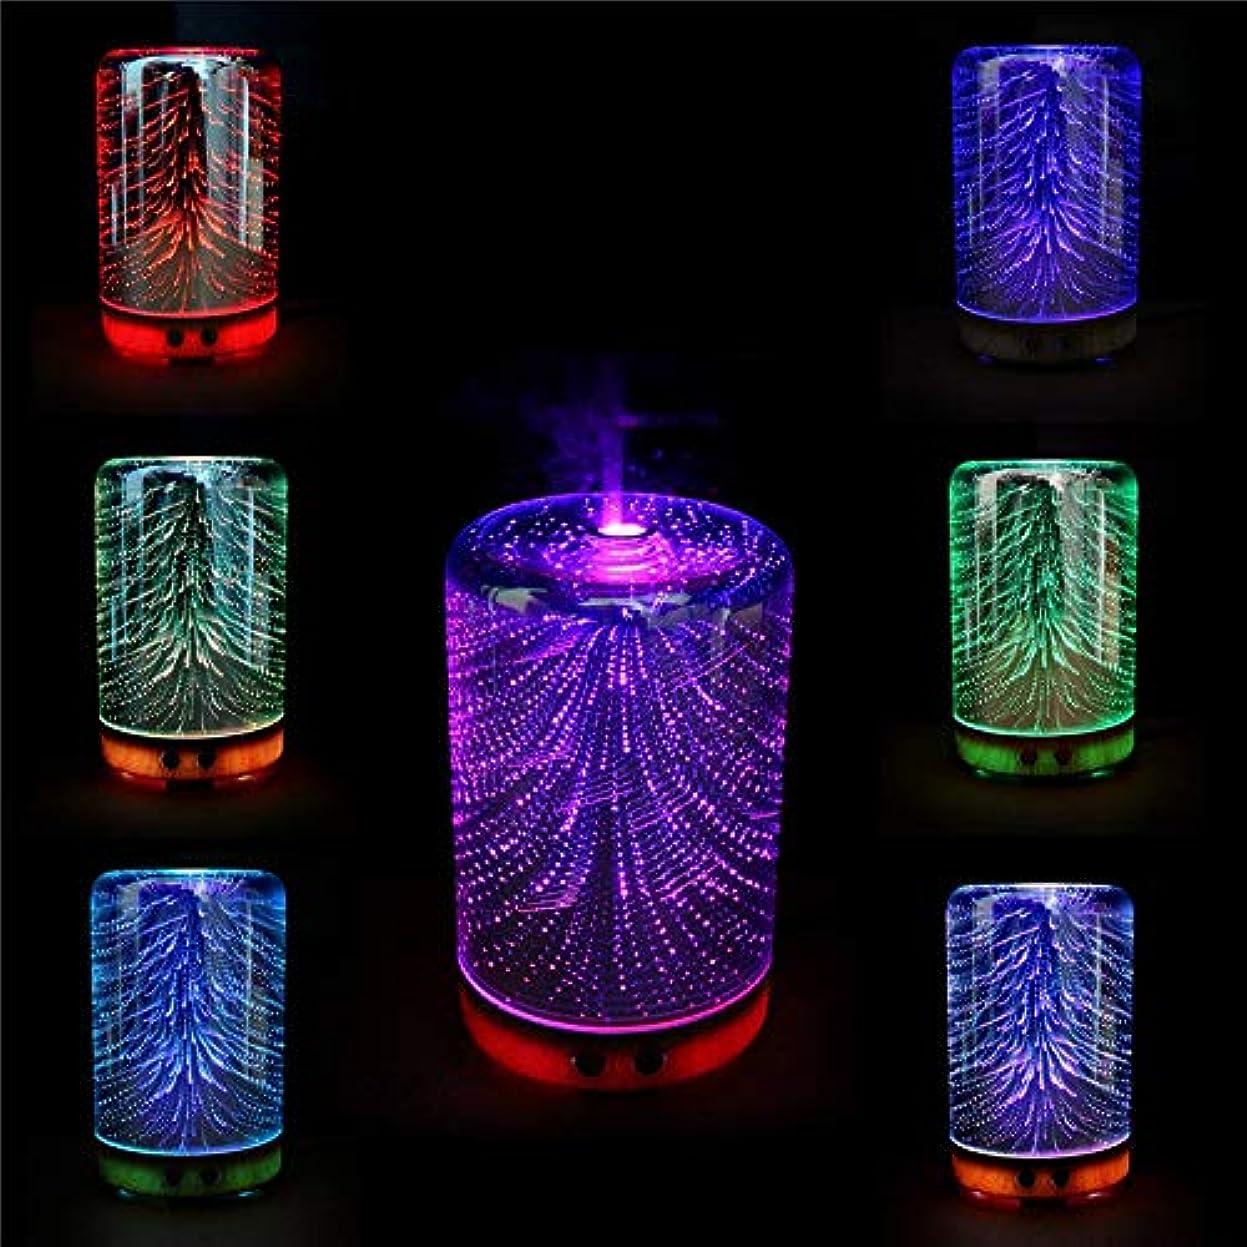 レッドデート不足収まるLYEJM Color Changing 3D Lighting Essential Oil Aroma Diffuser Ultrasonic Mist Humidifier Aromatherapy 141[並行輸入]